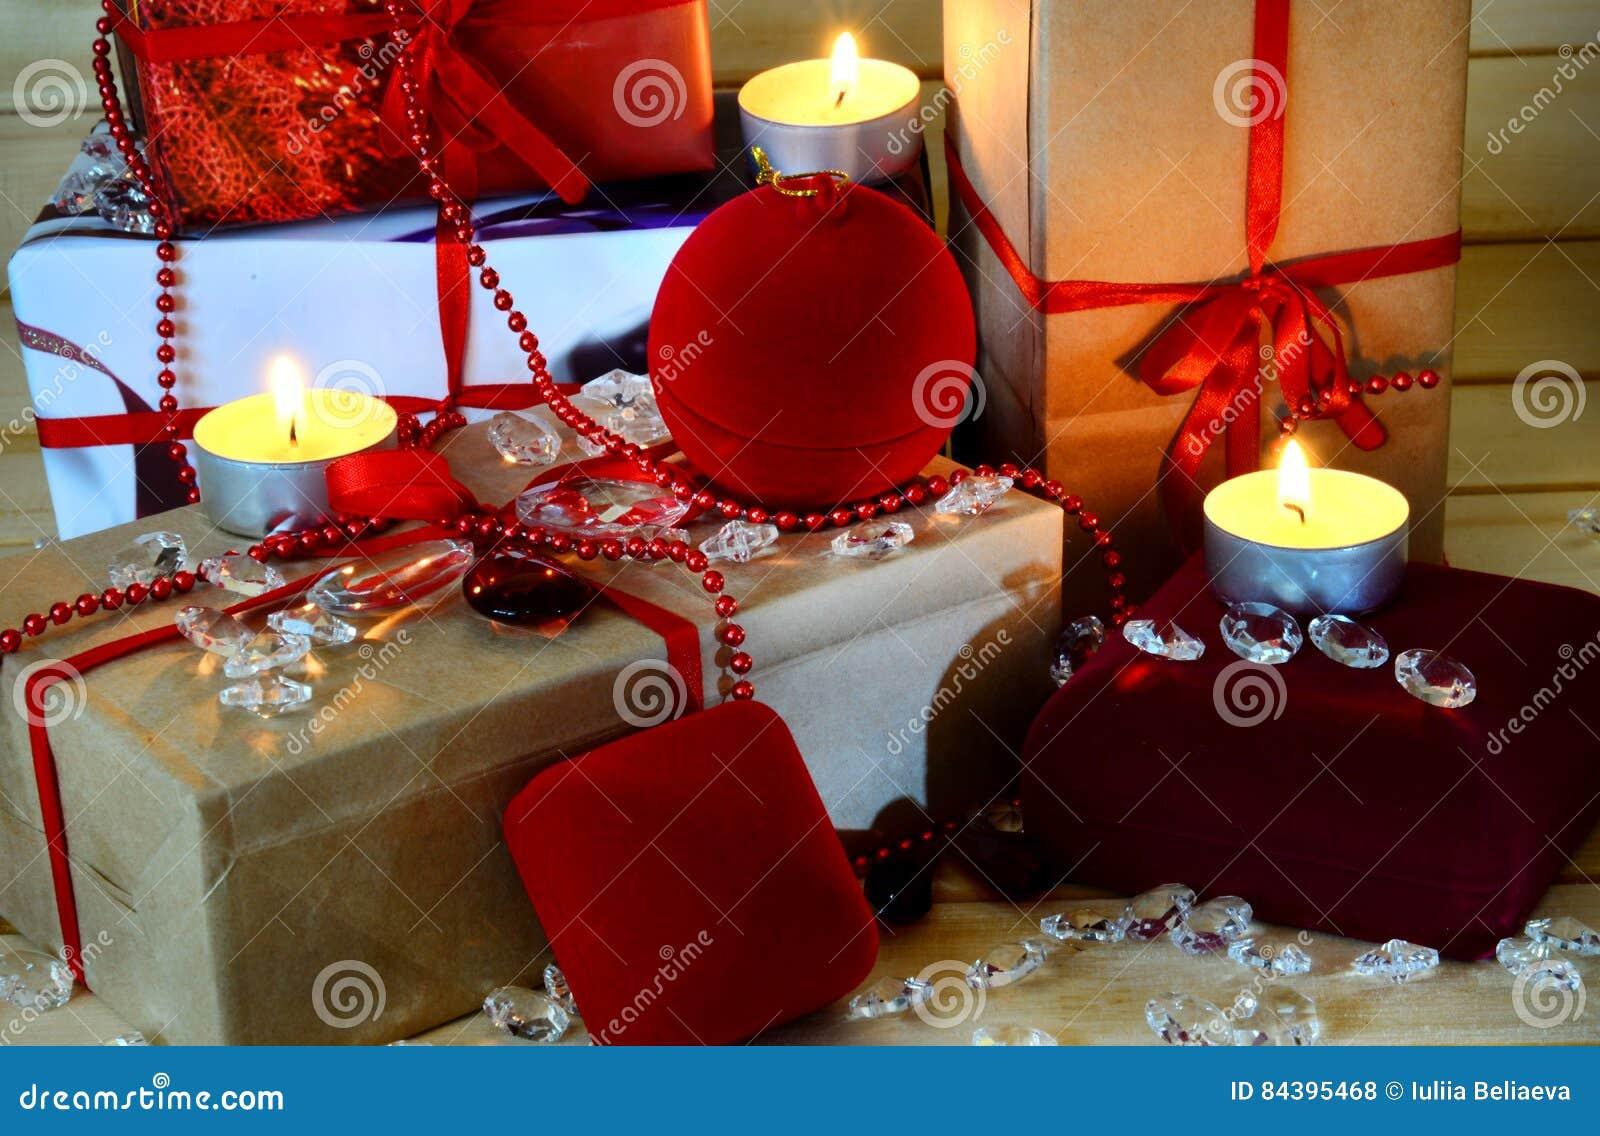 Weihnachtsgeschenke Kleinigkeiten.Weihnachtsgeschenke Kerzen Und Kleinigkeiten Auf Hölzernem